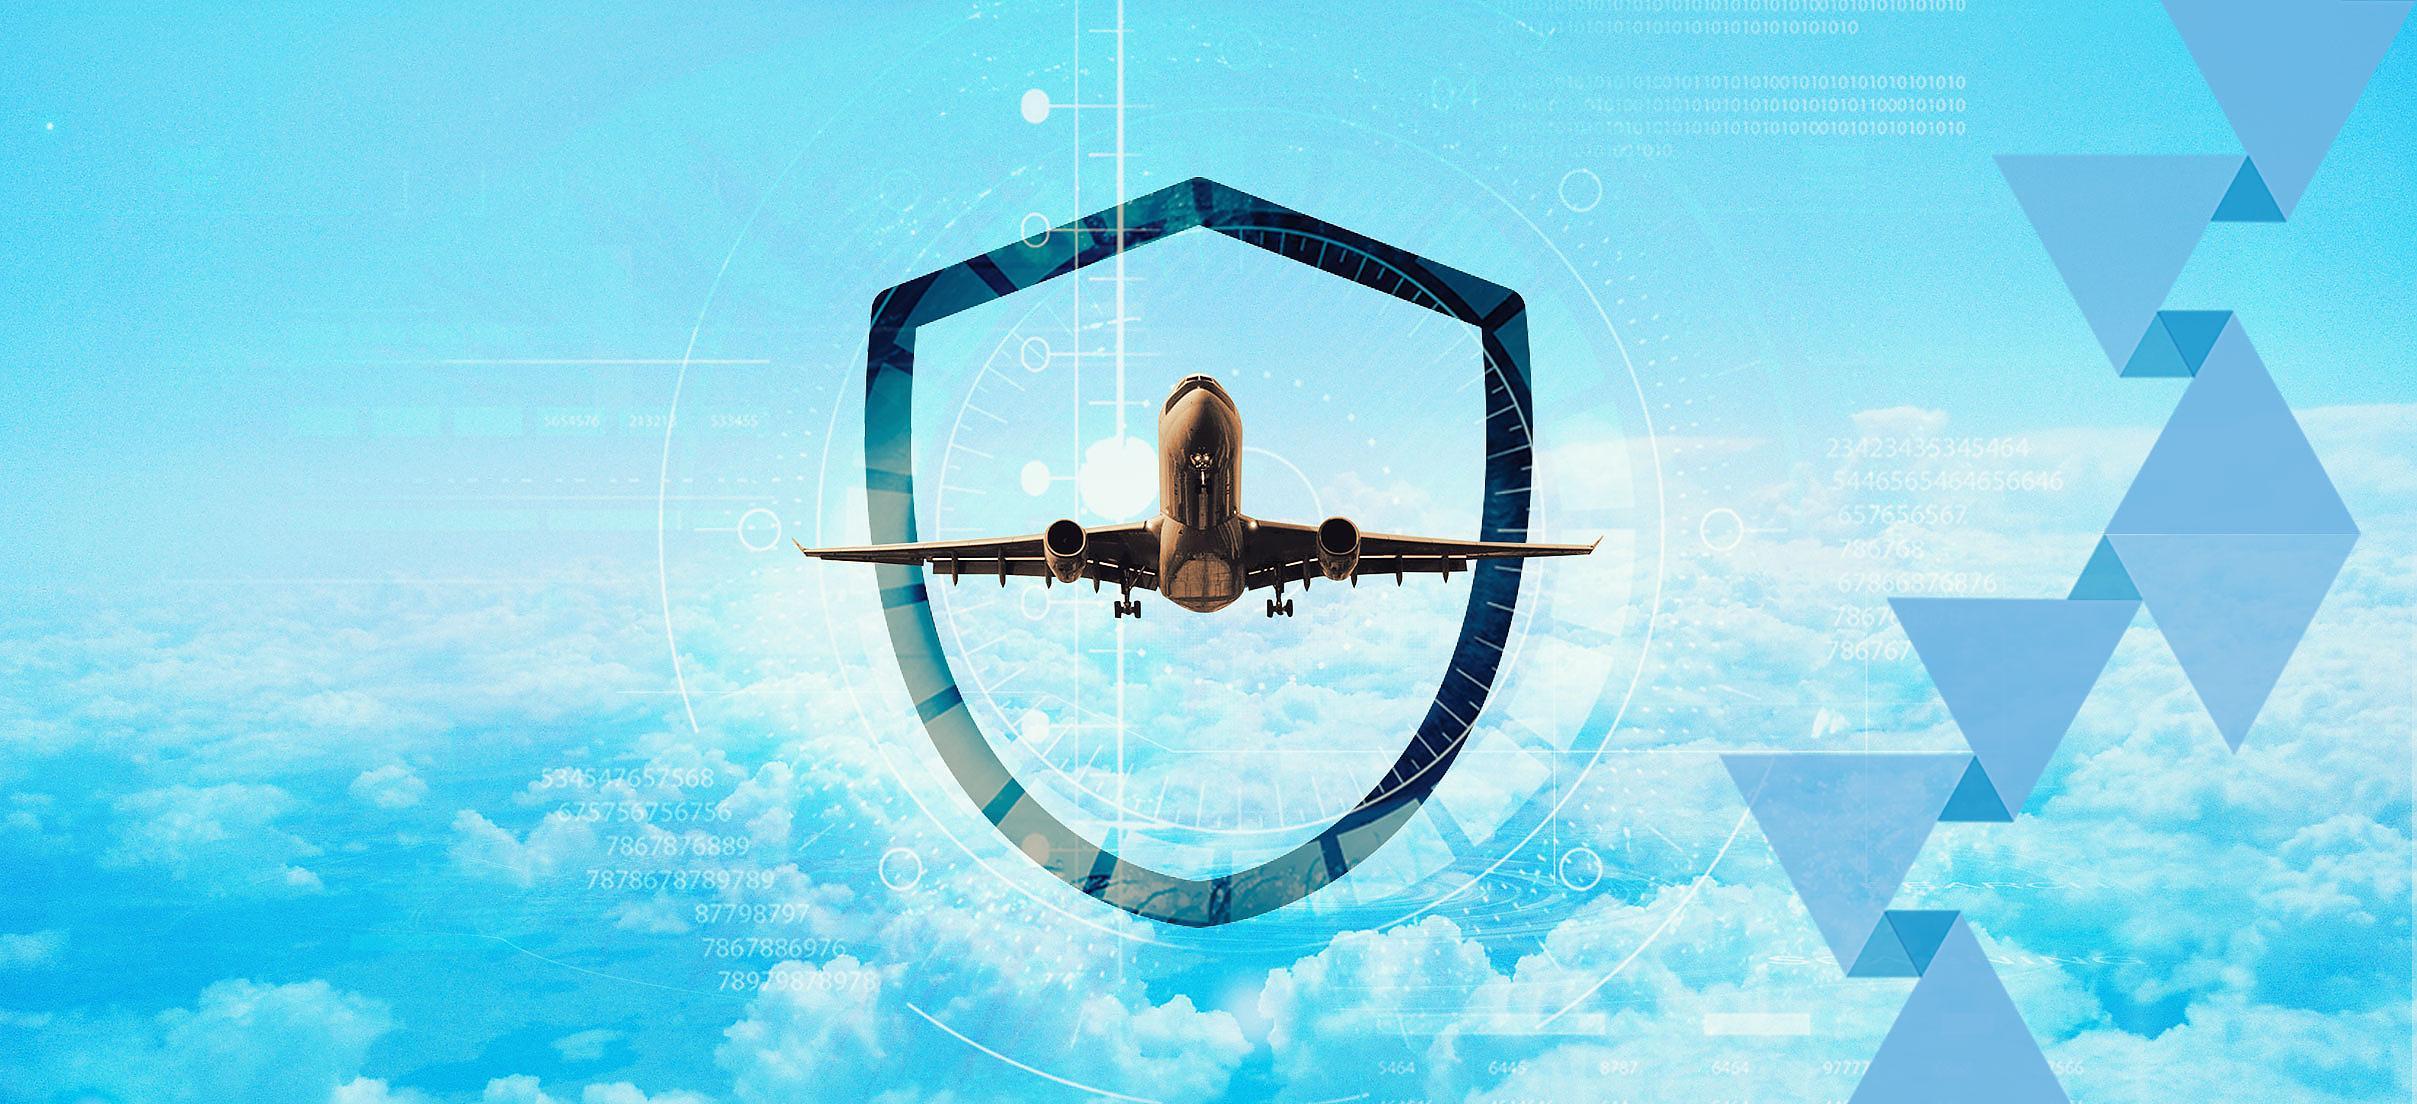 Prioritario mantener la seguridad en la aviación: OACI | Aviación 21